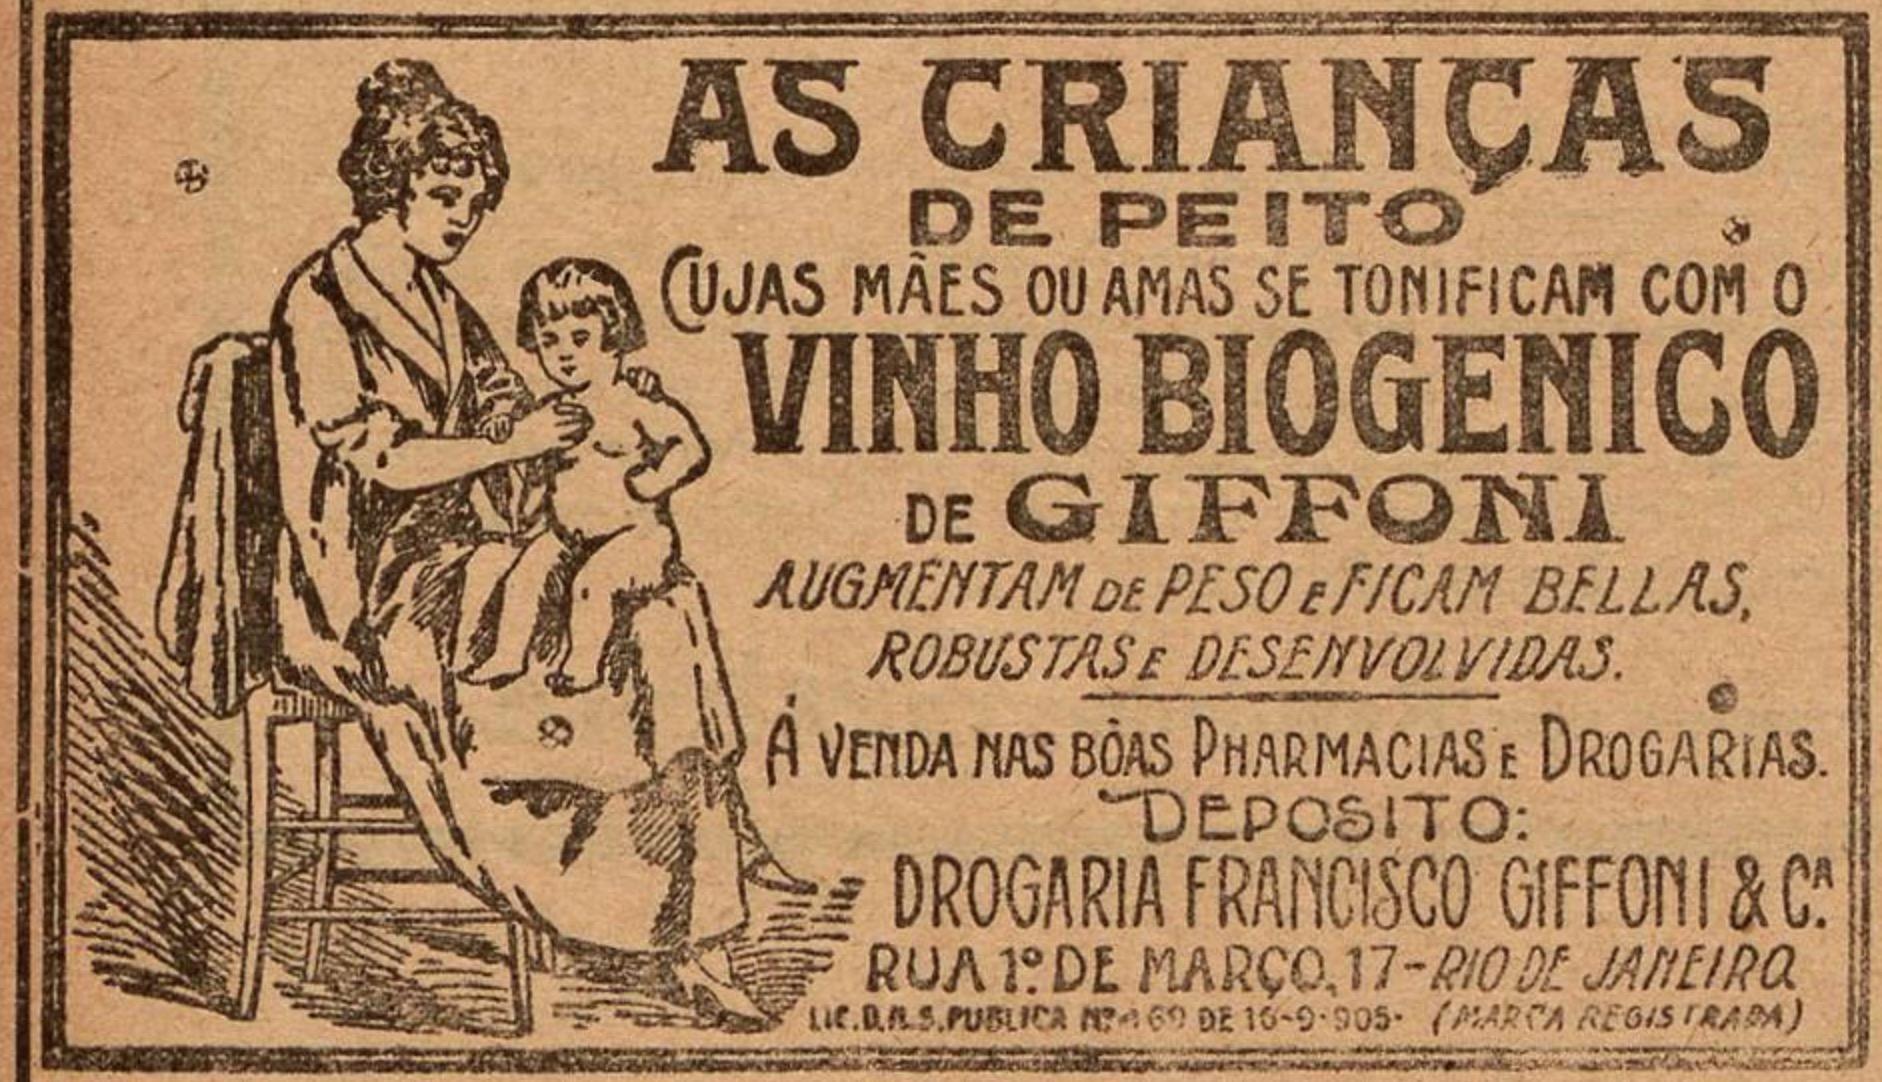 Propaganda antiga do Vinho Biogênico veiculada em 1926